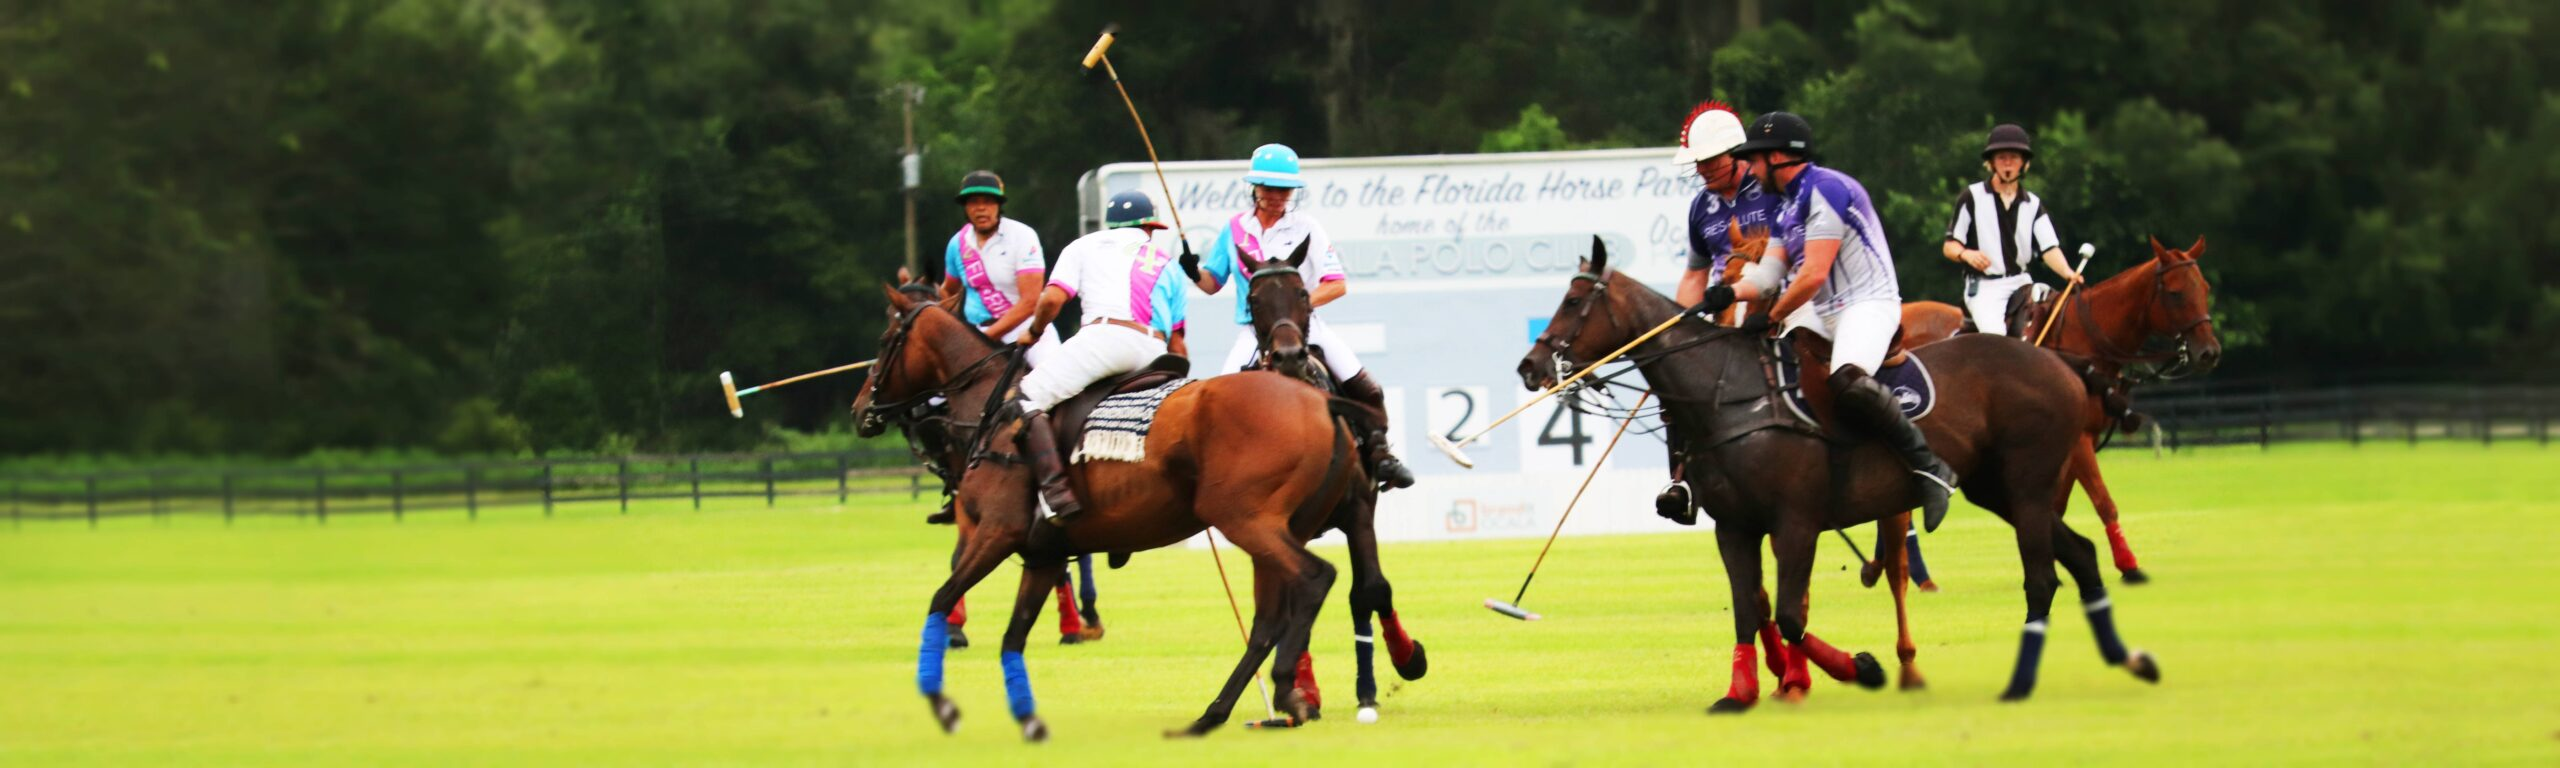 A polo match at the Florida Horse Park